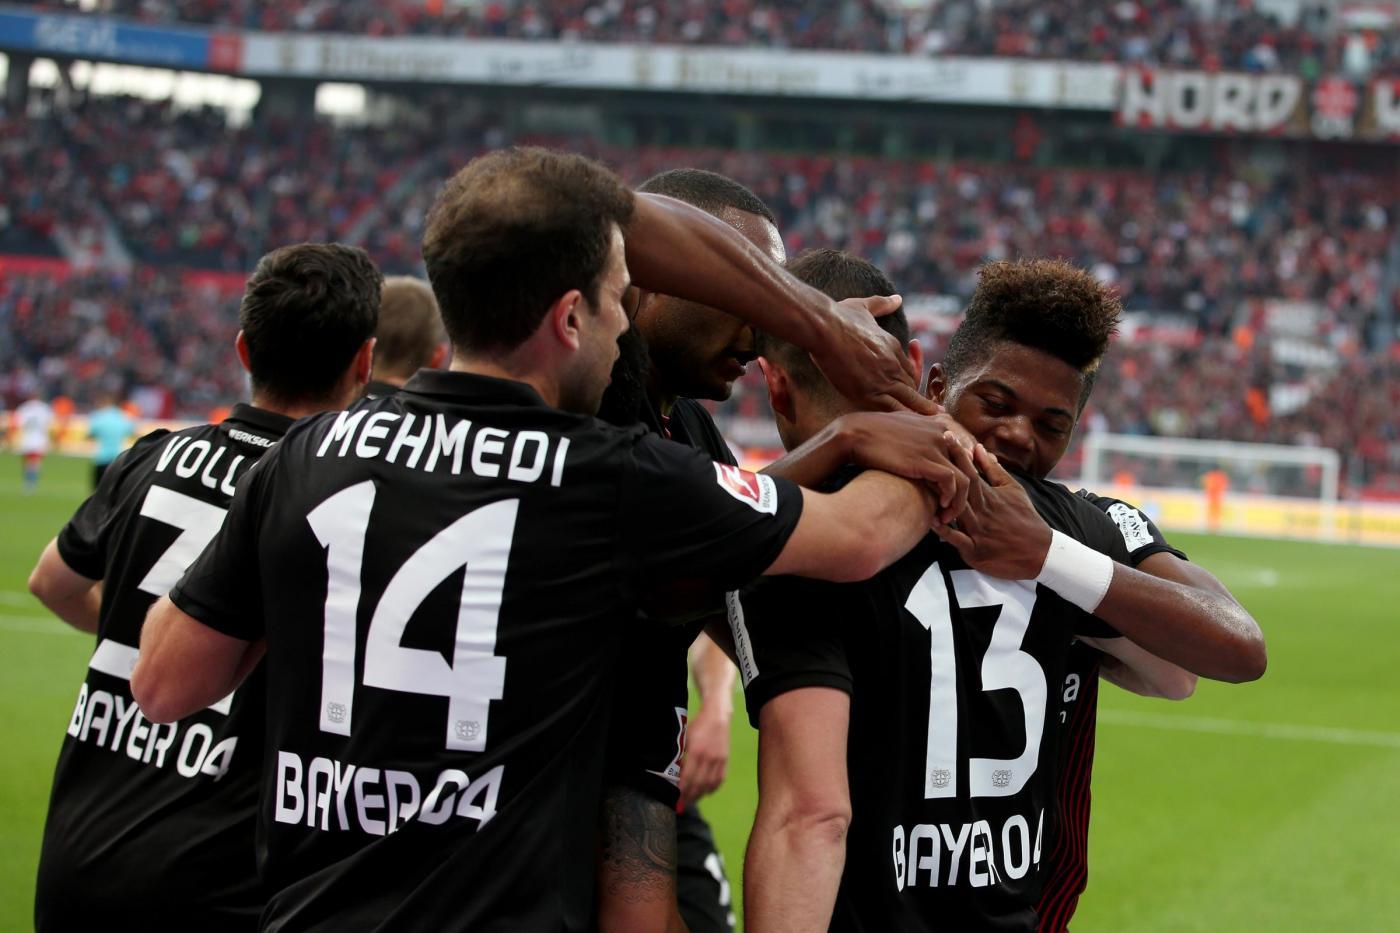 Bundesliga, Wolfsburg-Leverkusen 26 gennaio: analisi e pronostico della giornata della massima divisione calcistica tedesca